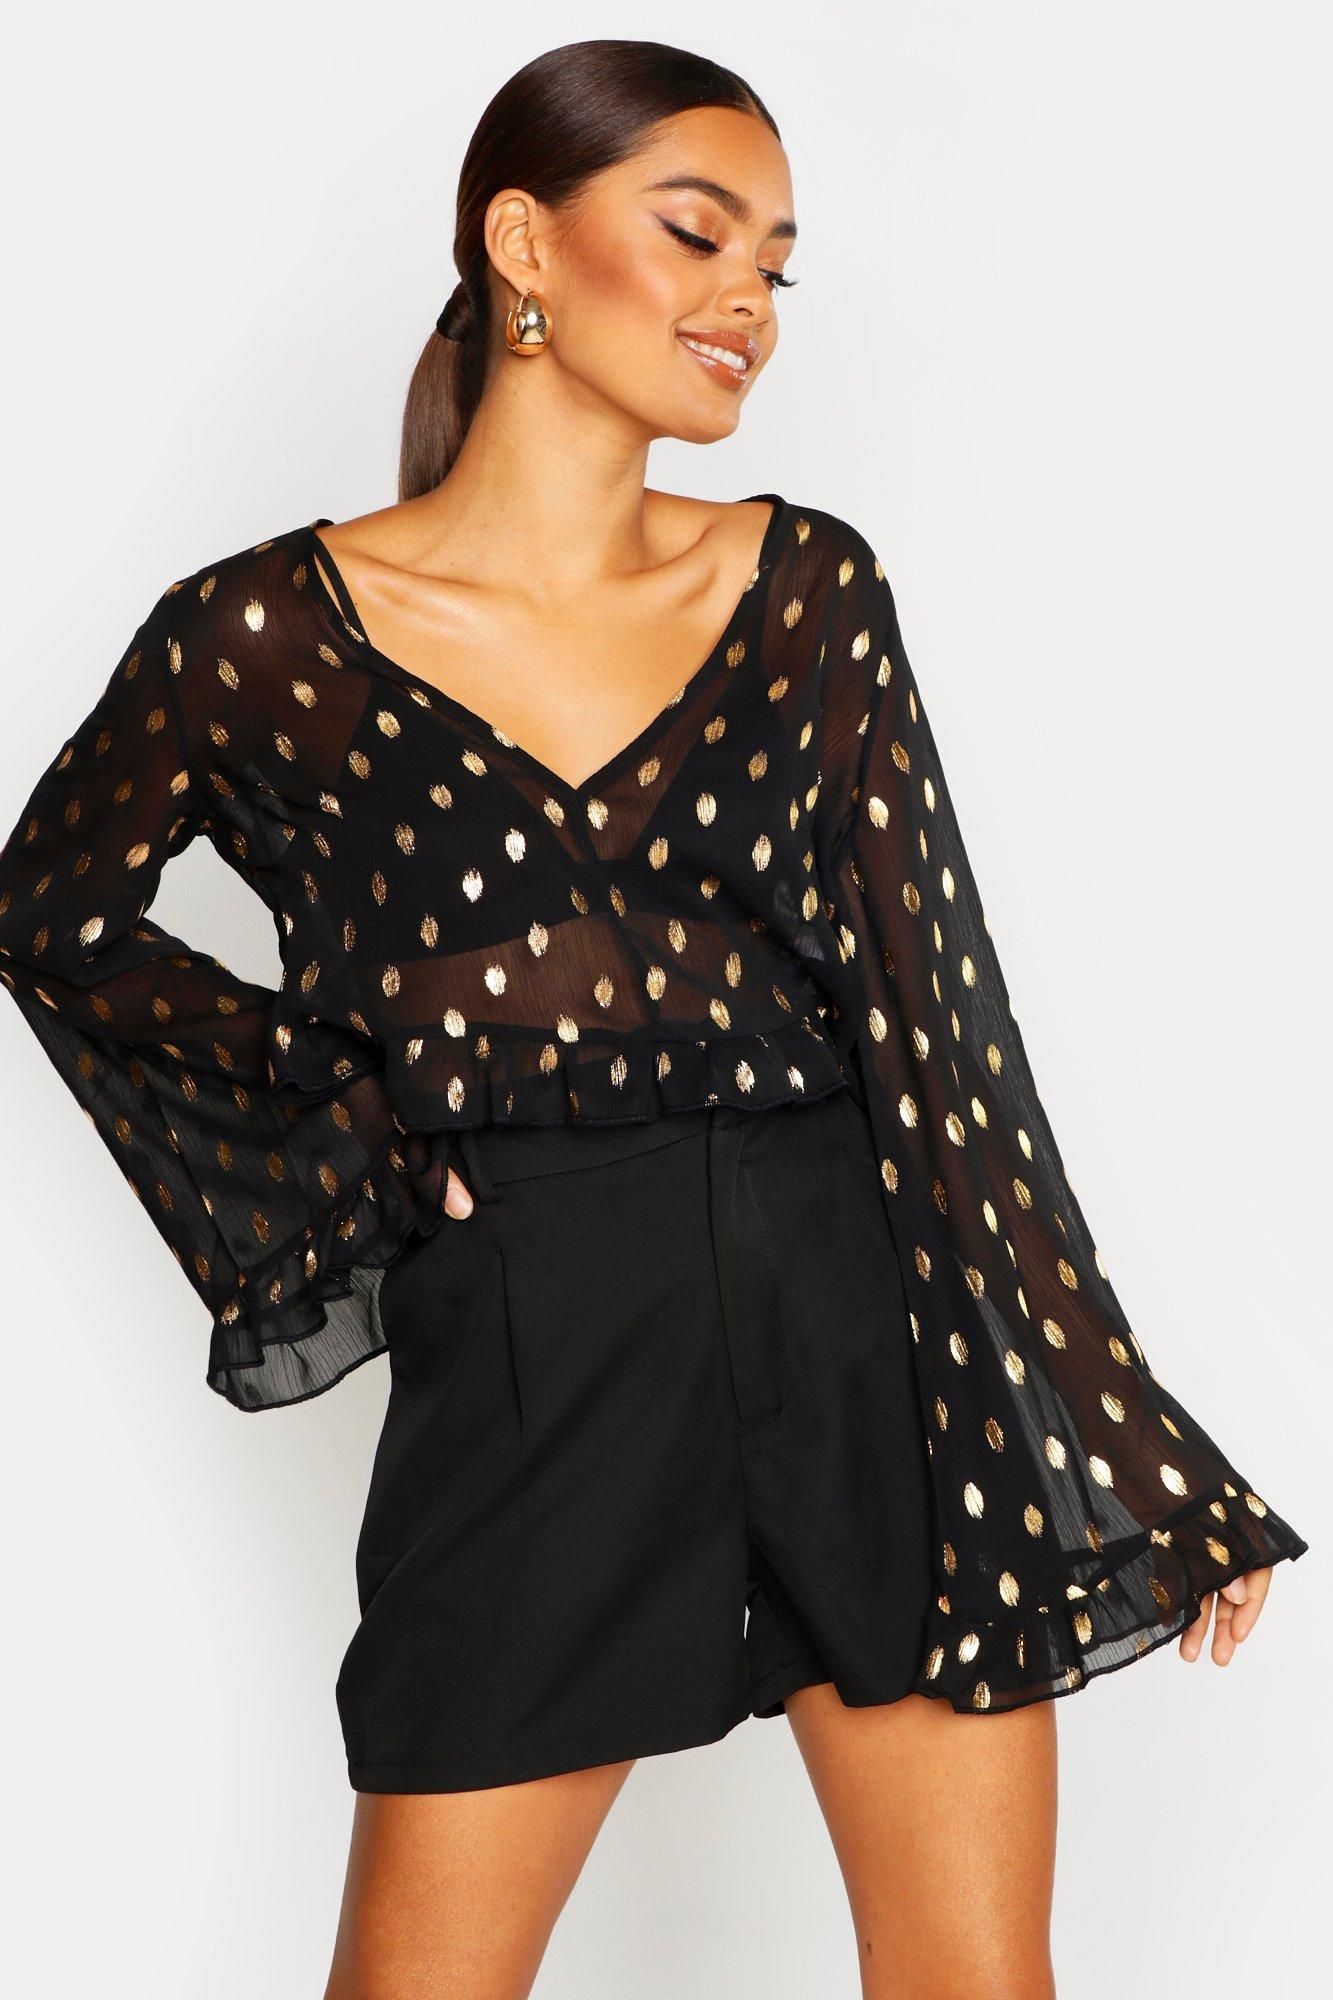 Womens Bluse mit Metallic-Punkten und ausgestellten Ärmeln - schwarz - 32, Schwarz - Boohoo.com